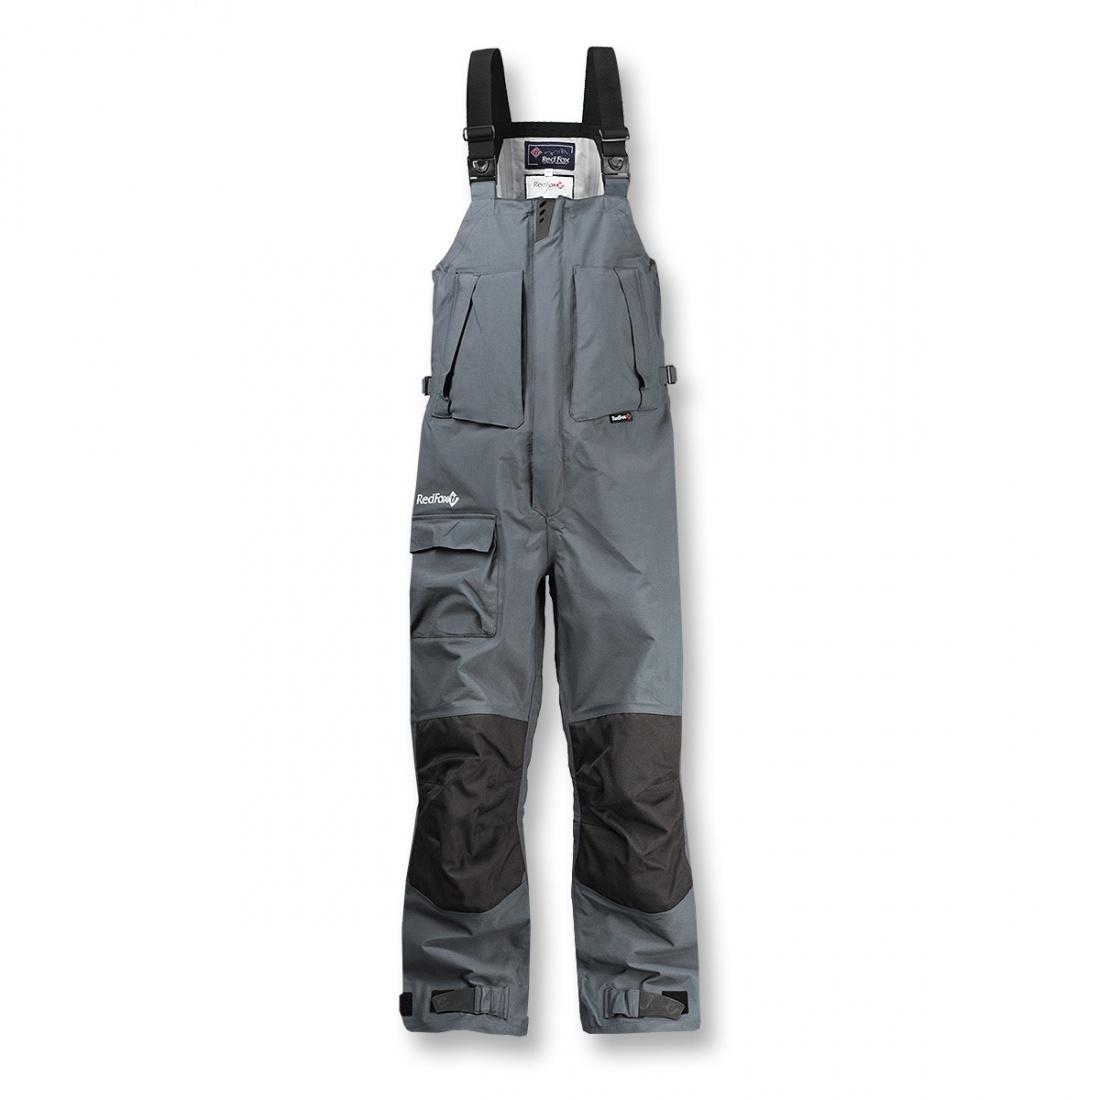 Брюки ветрозащитные Sailing TeamБрюки, штаны<br>Брюки для яхтинга, составляющие с курткой Sailing Team яхтенный костюм. <br><br>Особенности: <br><br><br><br>Прочная мембранная ткань <br>Регулировка по талии <br>Специальная молния, устойчивая к воздействию солено...<br><br>Цвет: Темно-синий<br>Размер: 58